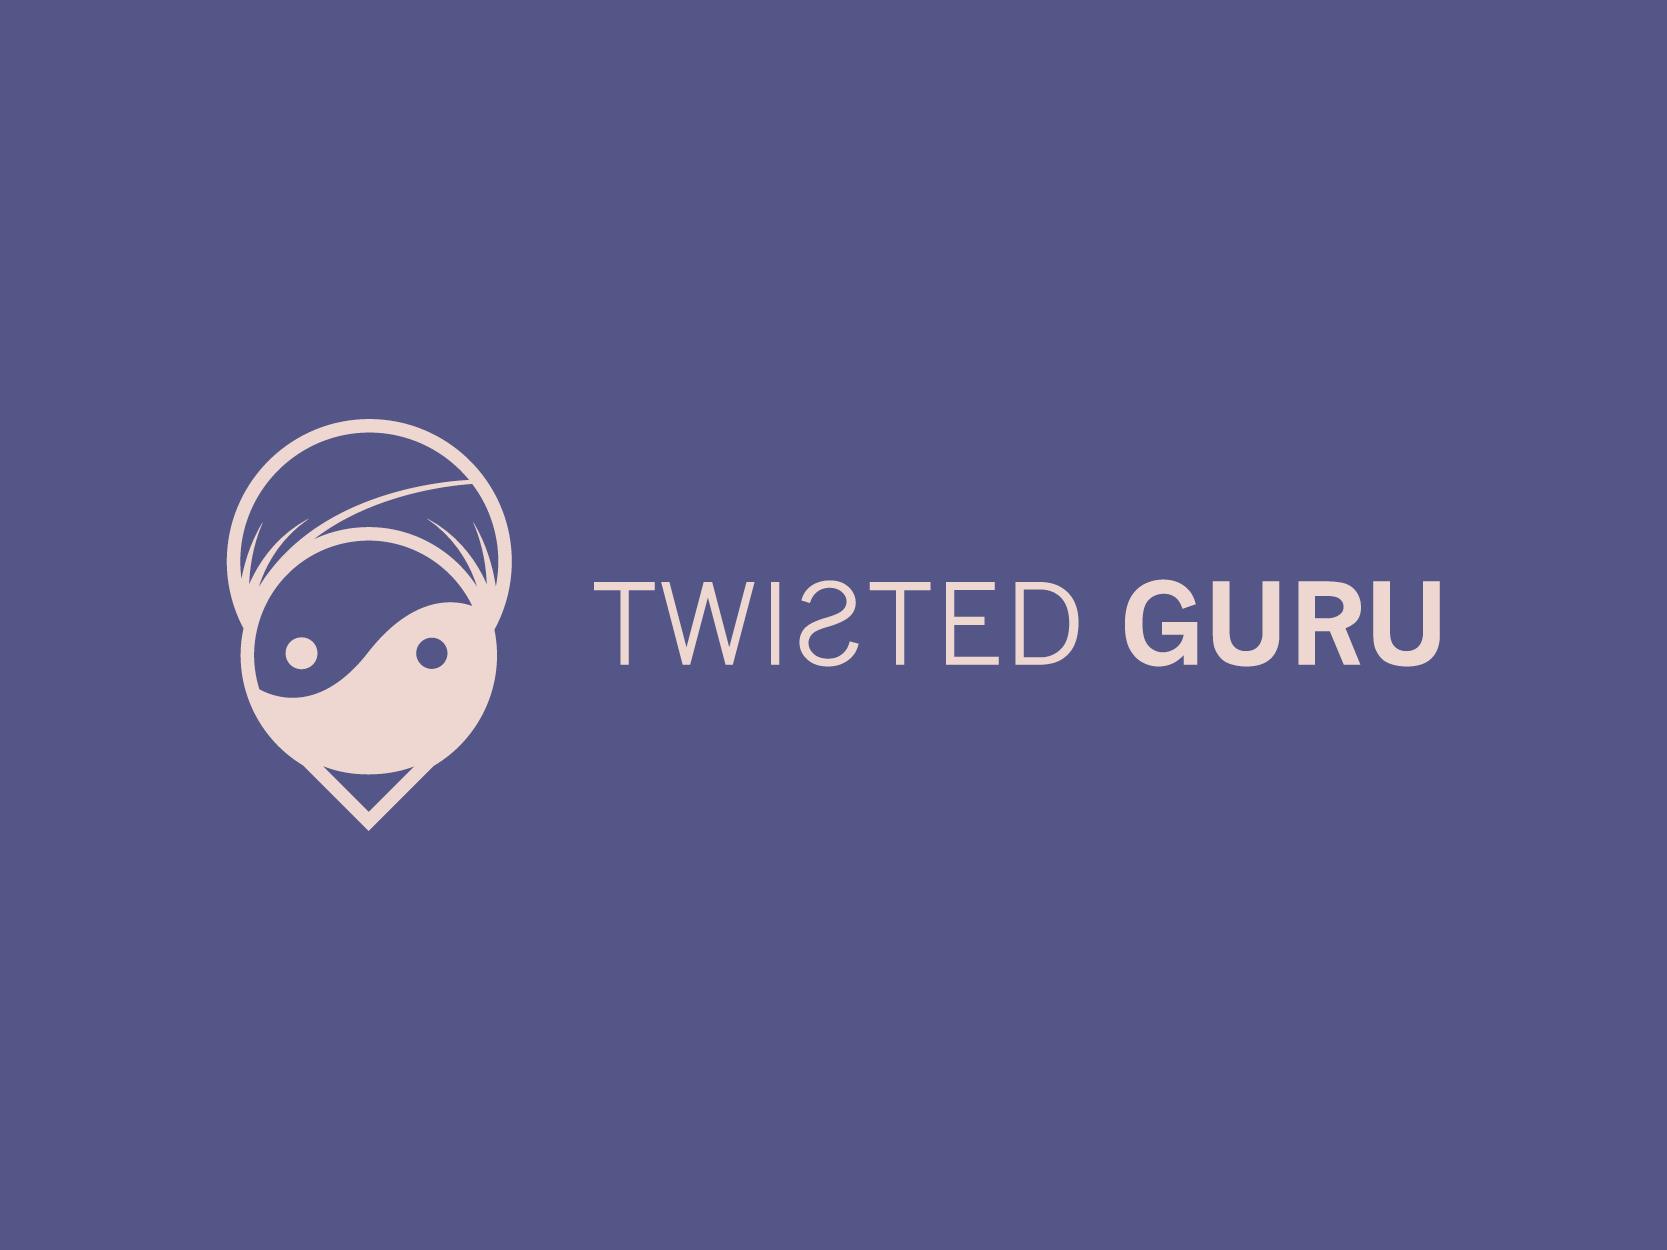 Twisted Guru V8.jpg